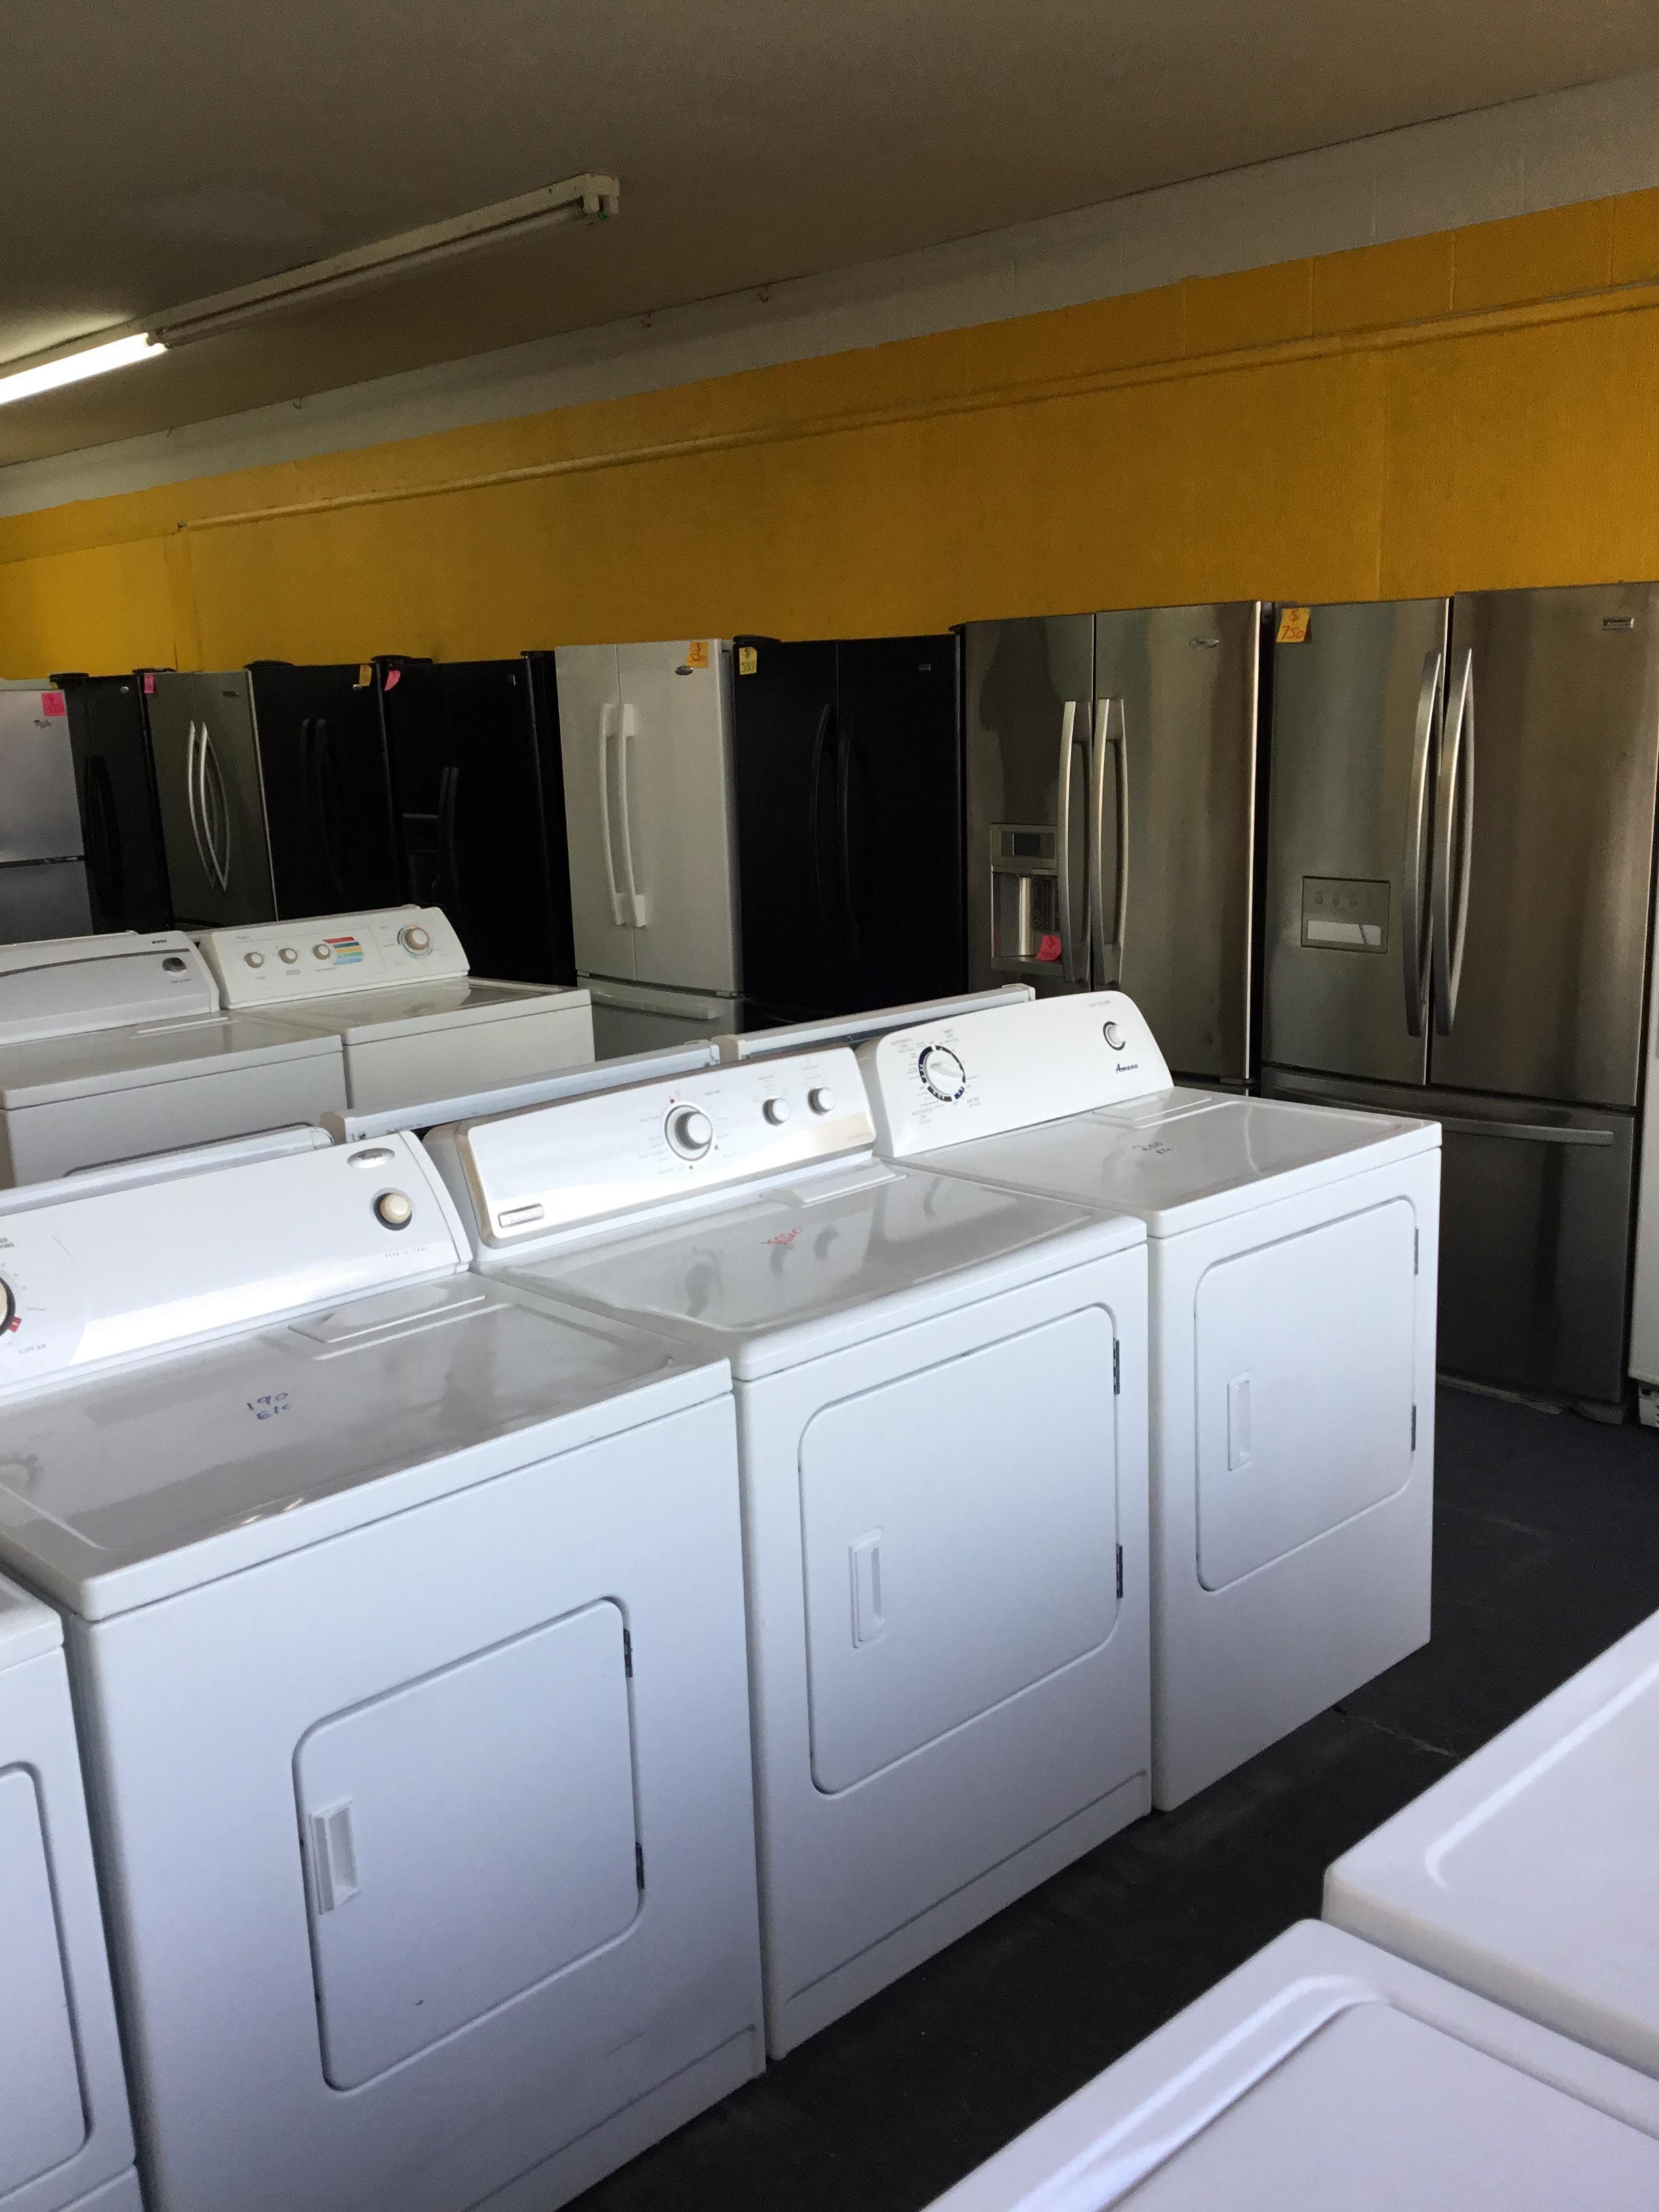 A1 Appliances image 1